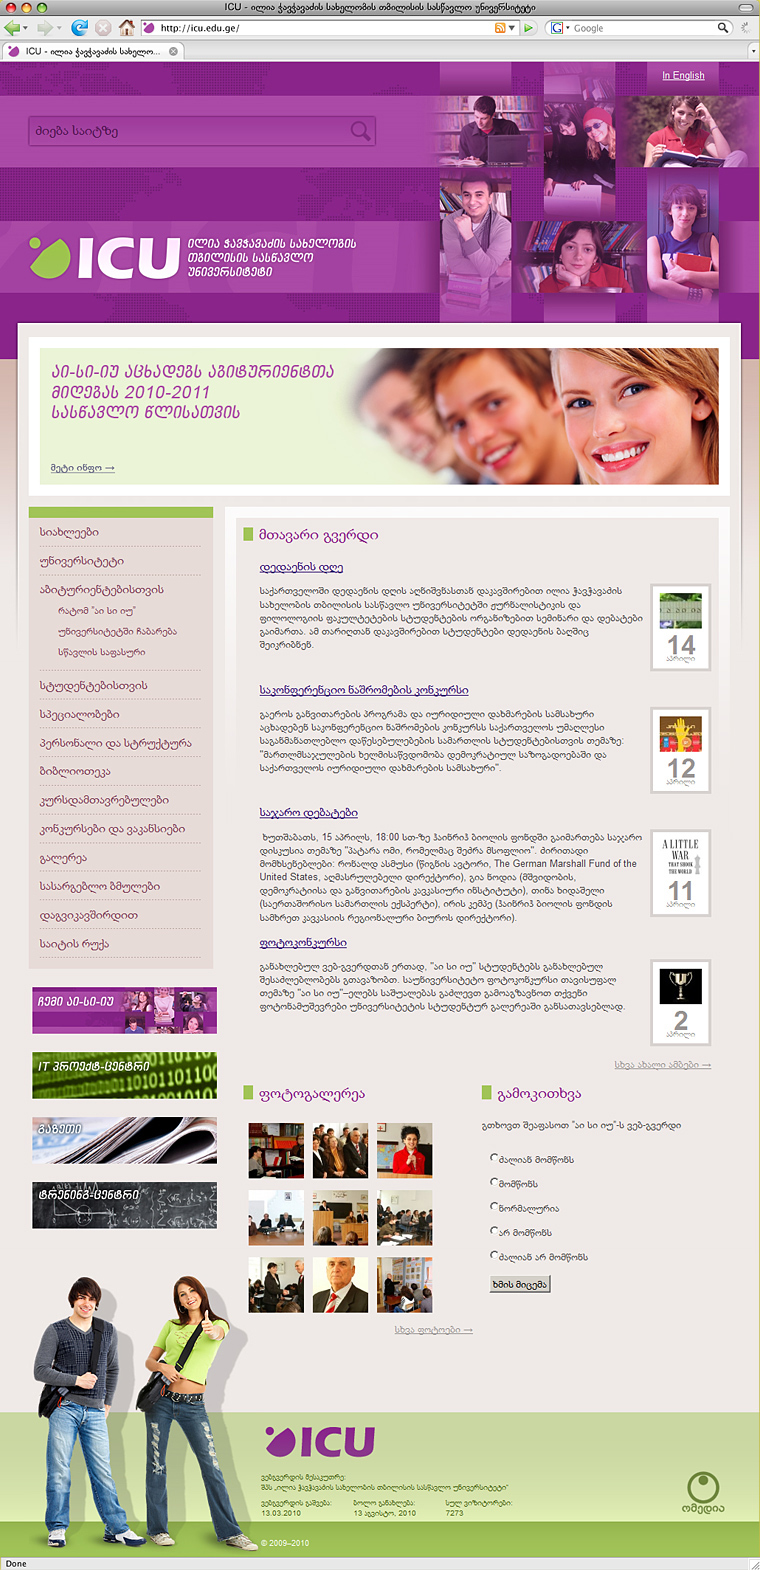 ილია ჭავჭავაძის სახელობის თბილისის სასწავლო უნივერსიტეტის ვებსაიტი - მთავარი გვერდი